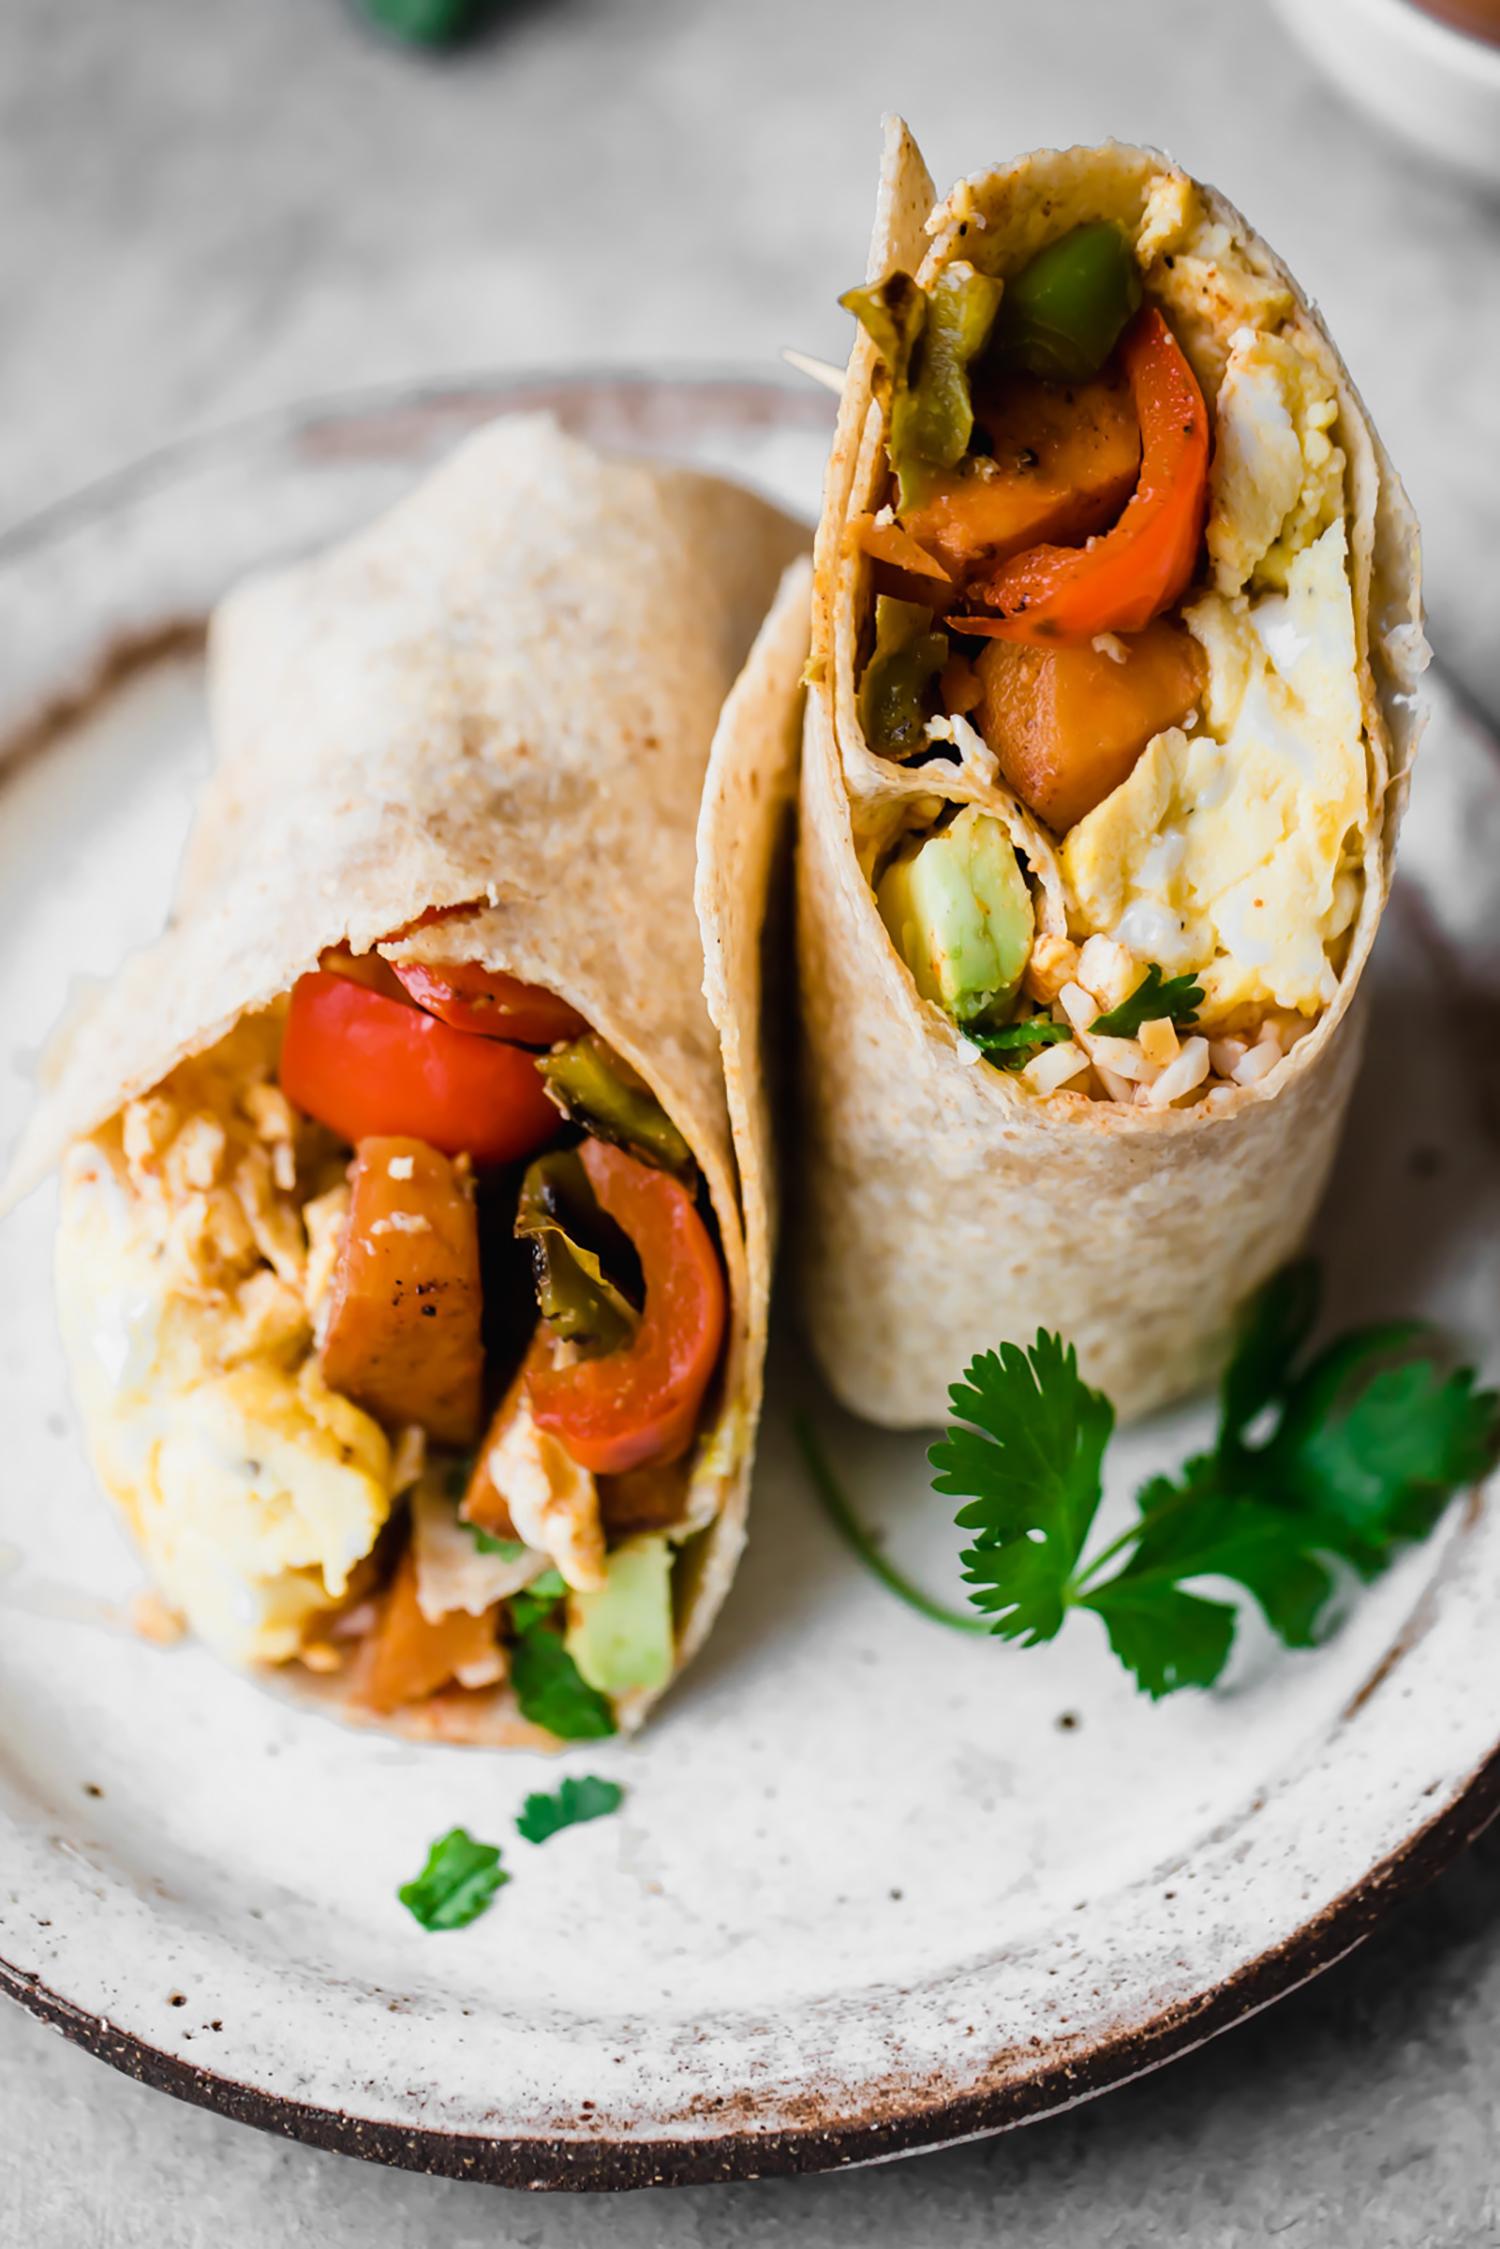 Credits: https://www.ambitiouskitchen.com/veggie-freezer-friendly-breakfast-burritos/